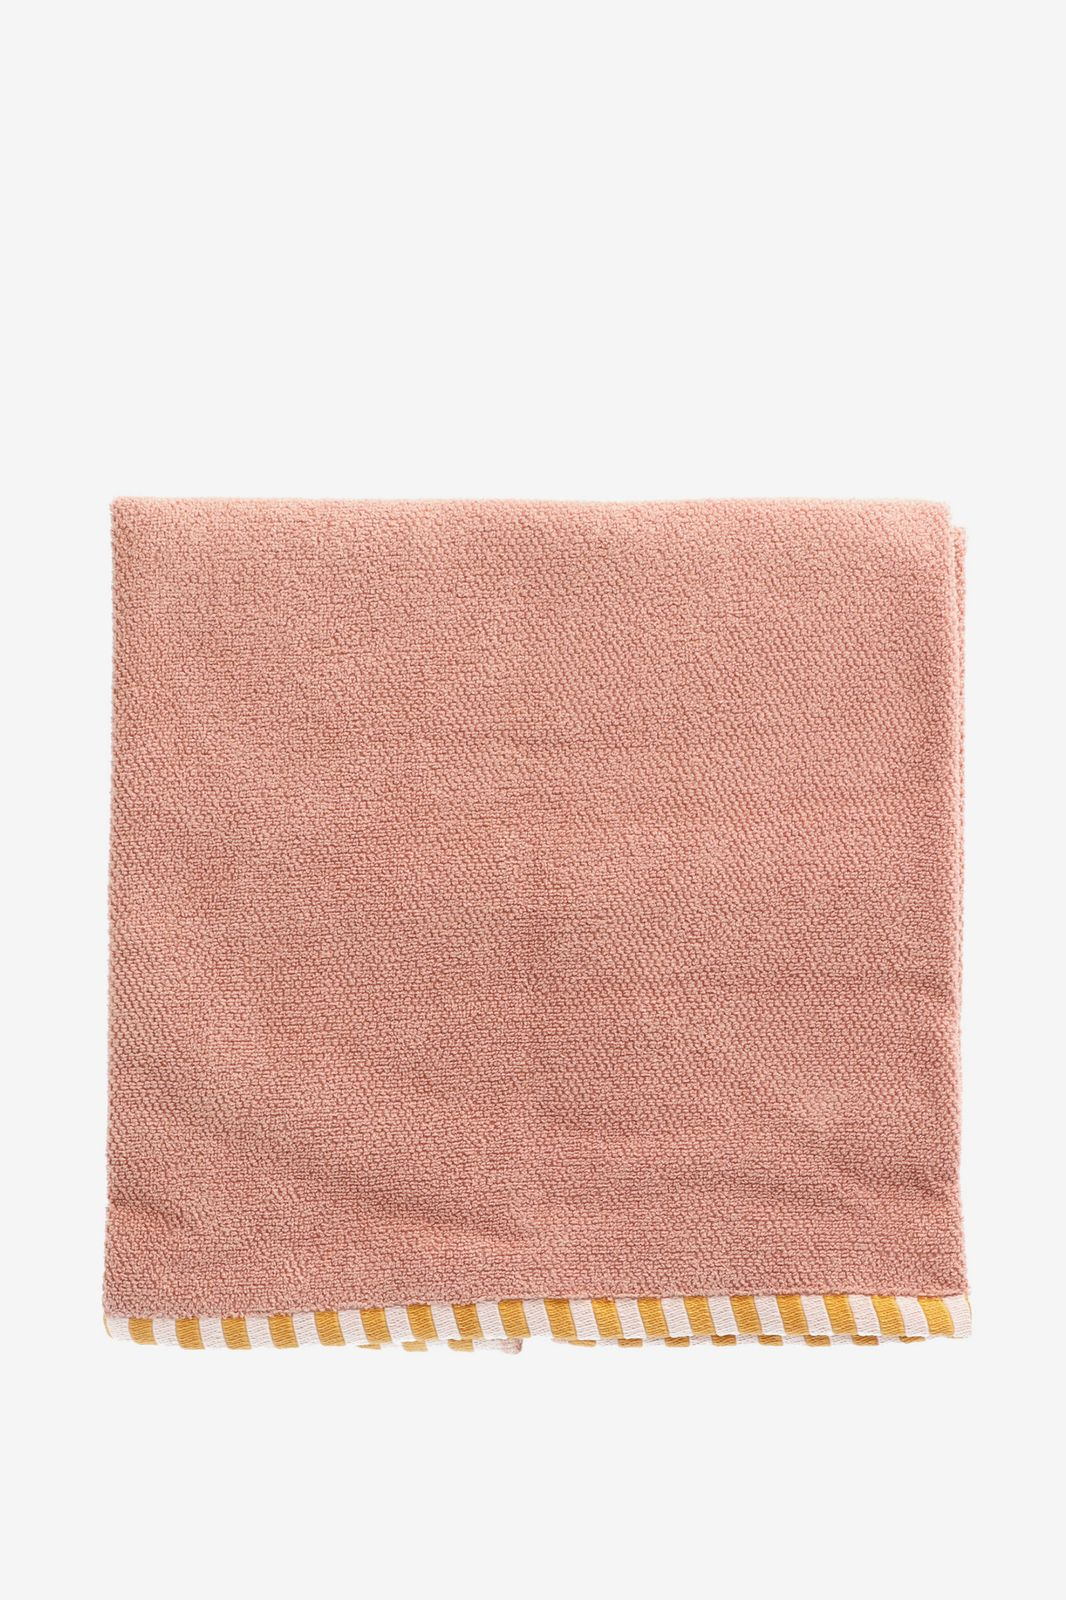 Roze handdoek met gestreepte border